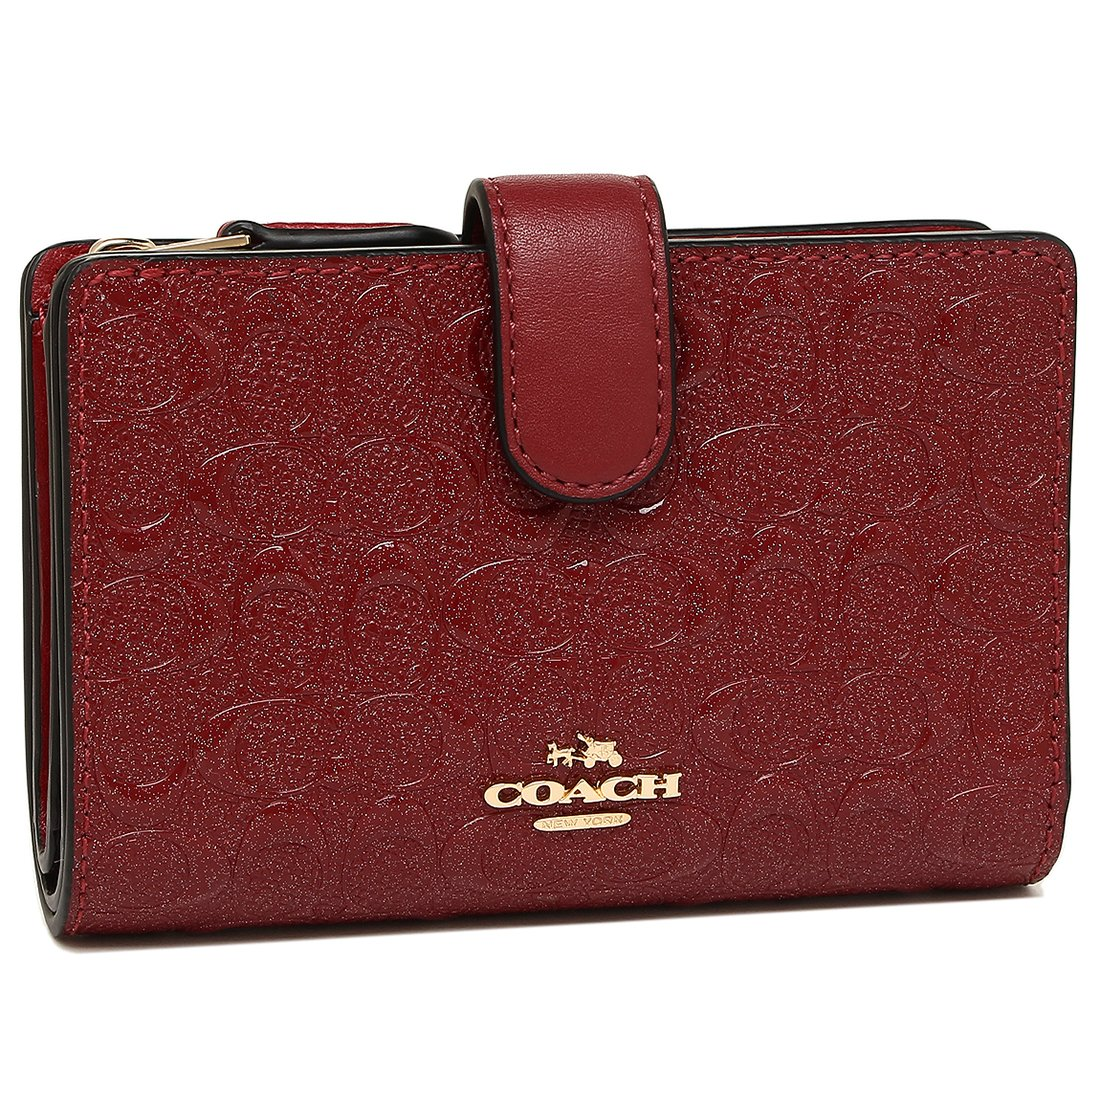 コーチ 財布 アウトレット COACH F25937 ミディアム コーナー ジップ ウォレット レディース 二つ折り財布 [並行輸入品] B07D36JQ5L (2)IMN2G ダークレッド (2)IMN2G ダークレッド